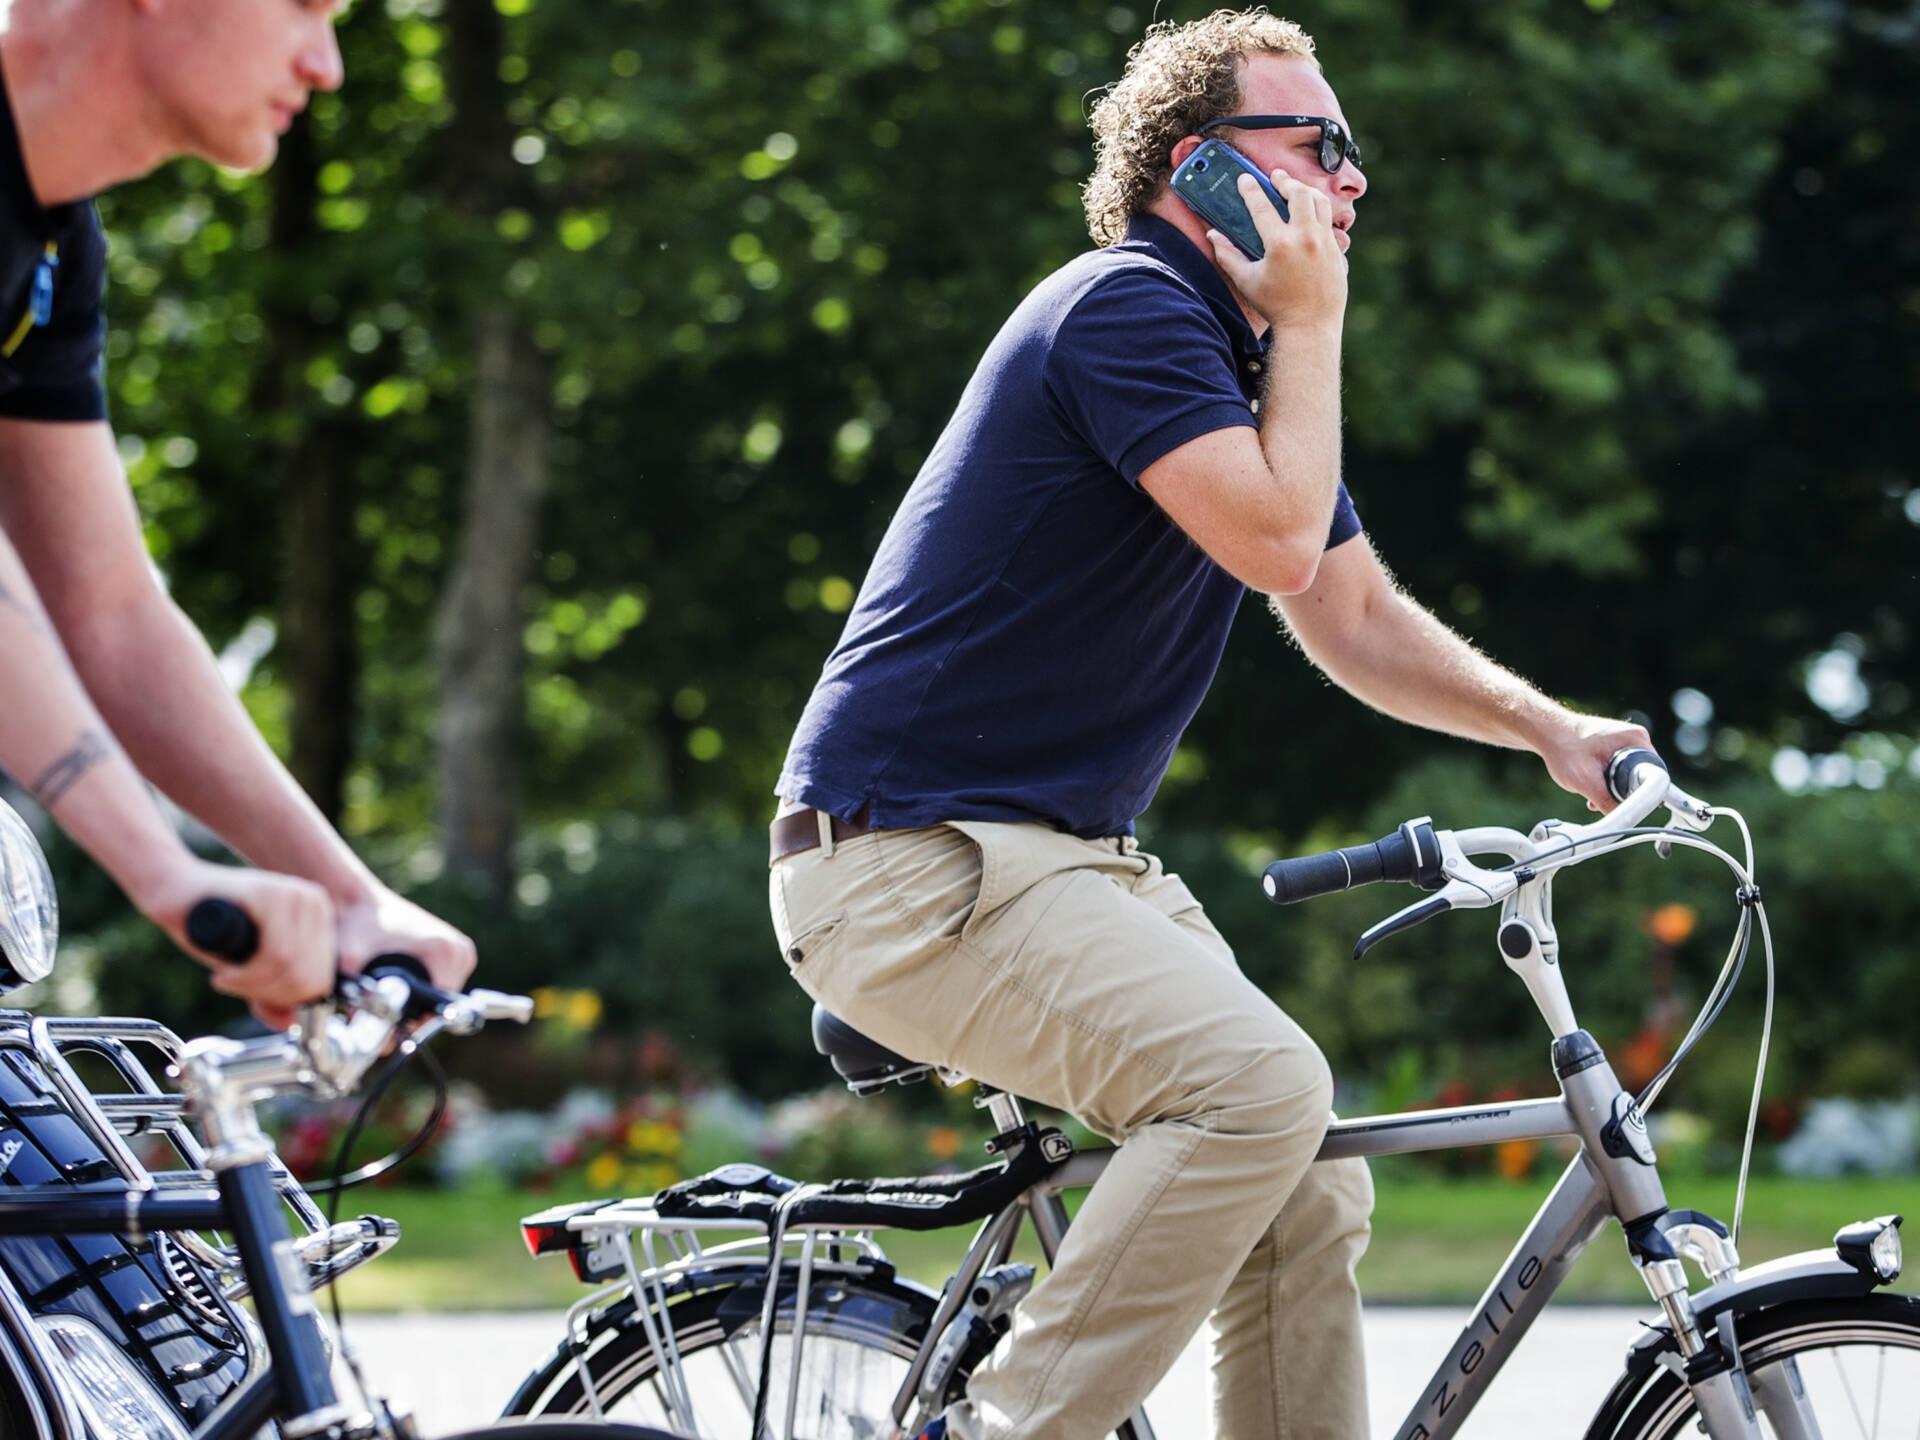 In half jaar ruim 21.000 boetes voor appende fietsers